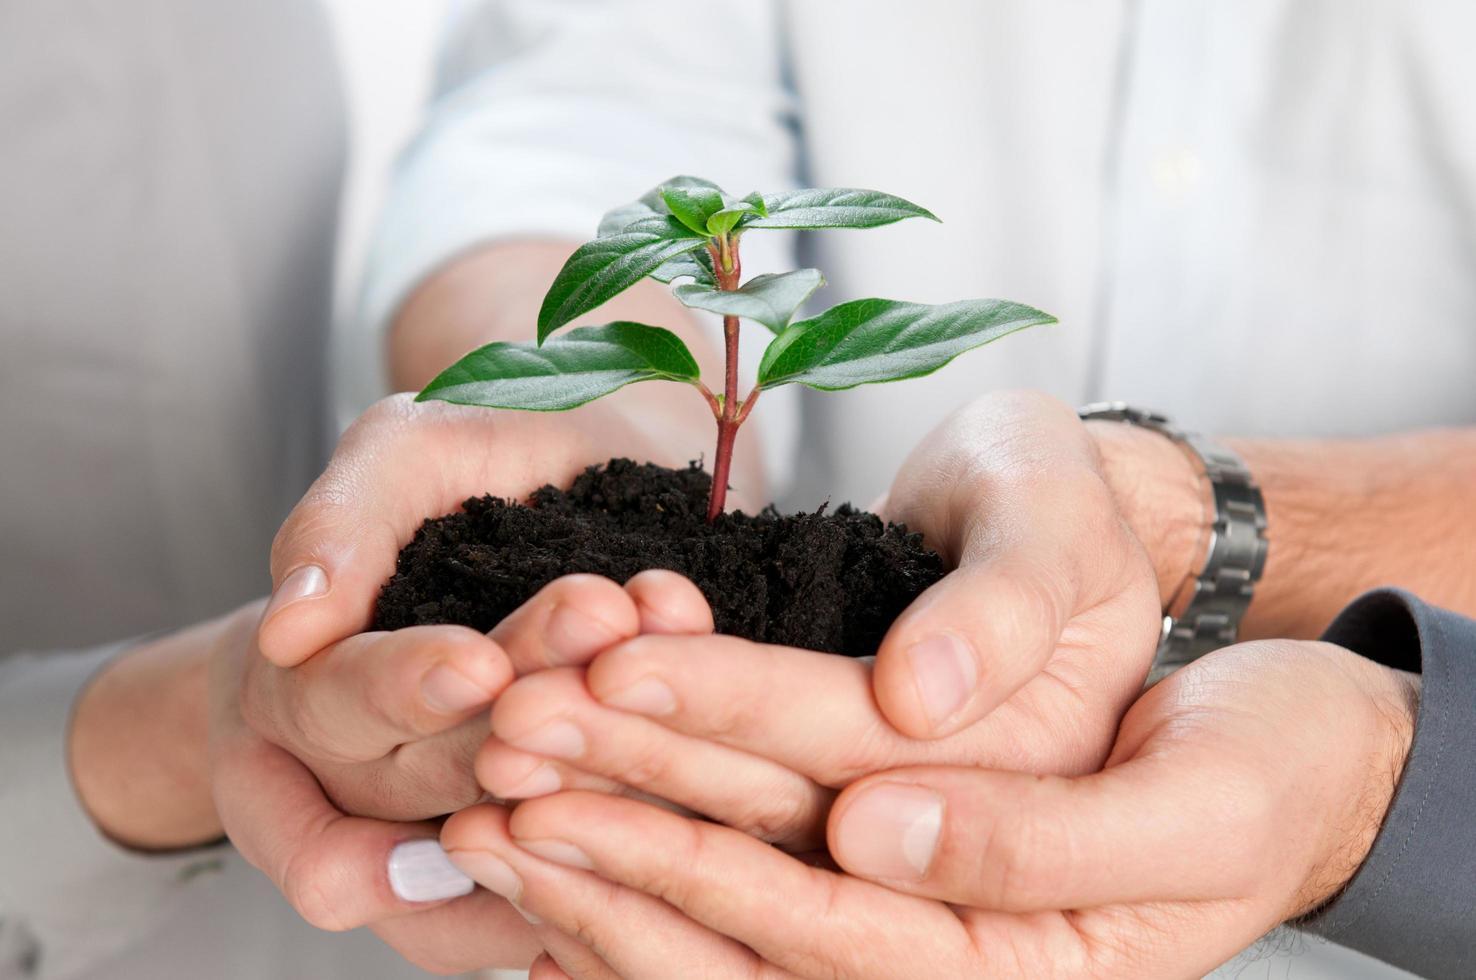 zakelijke groei plant foto